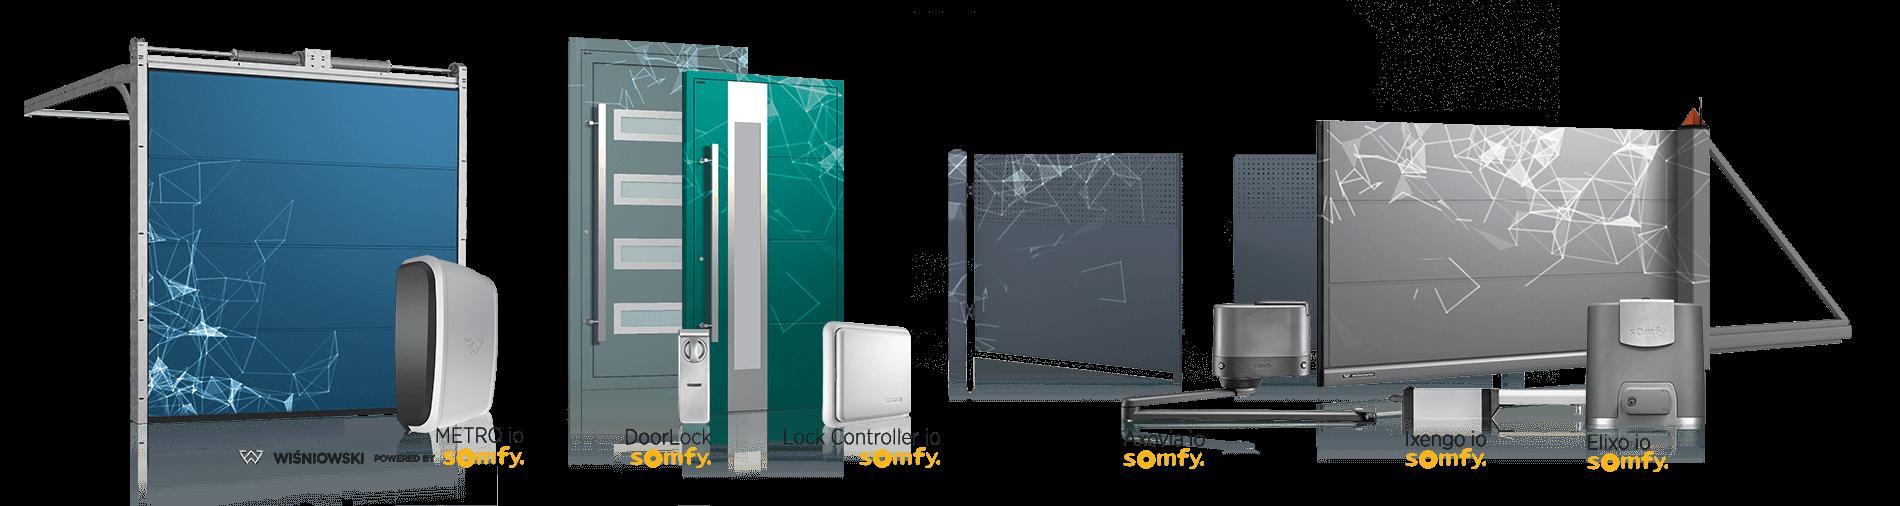 smartConnected, technologie inteligentne Wiśniowski. Adams Salon partnerski Żary